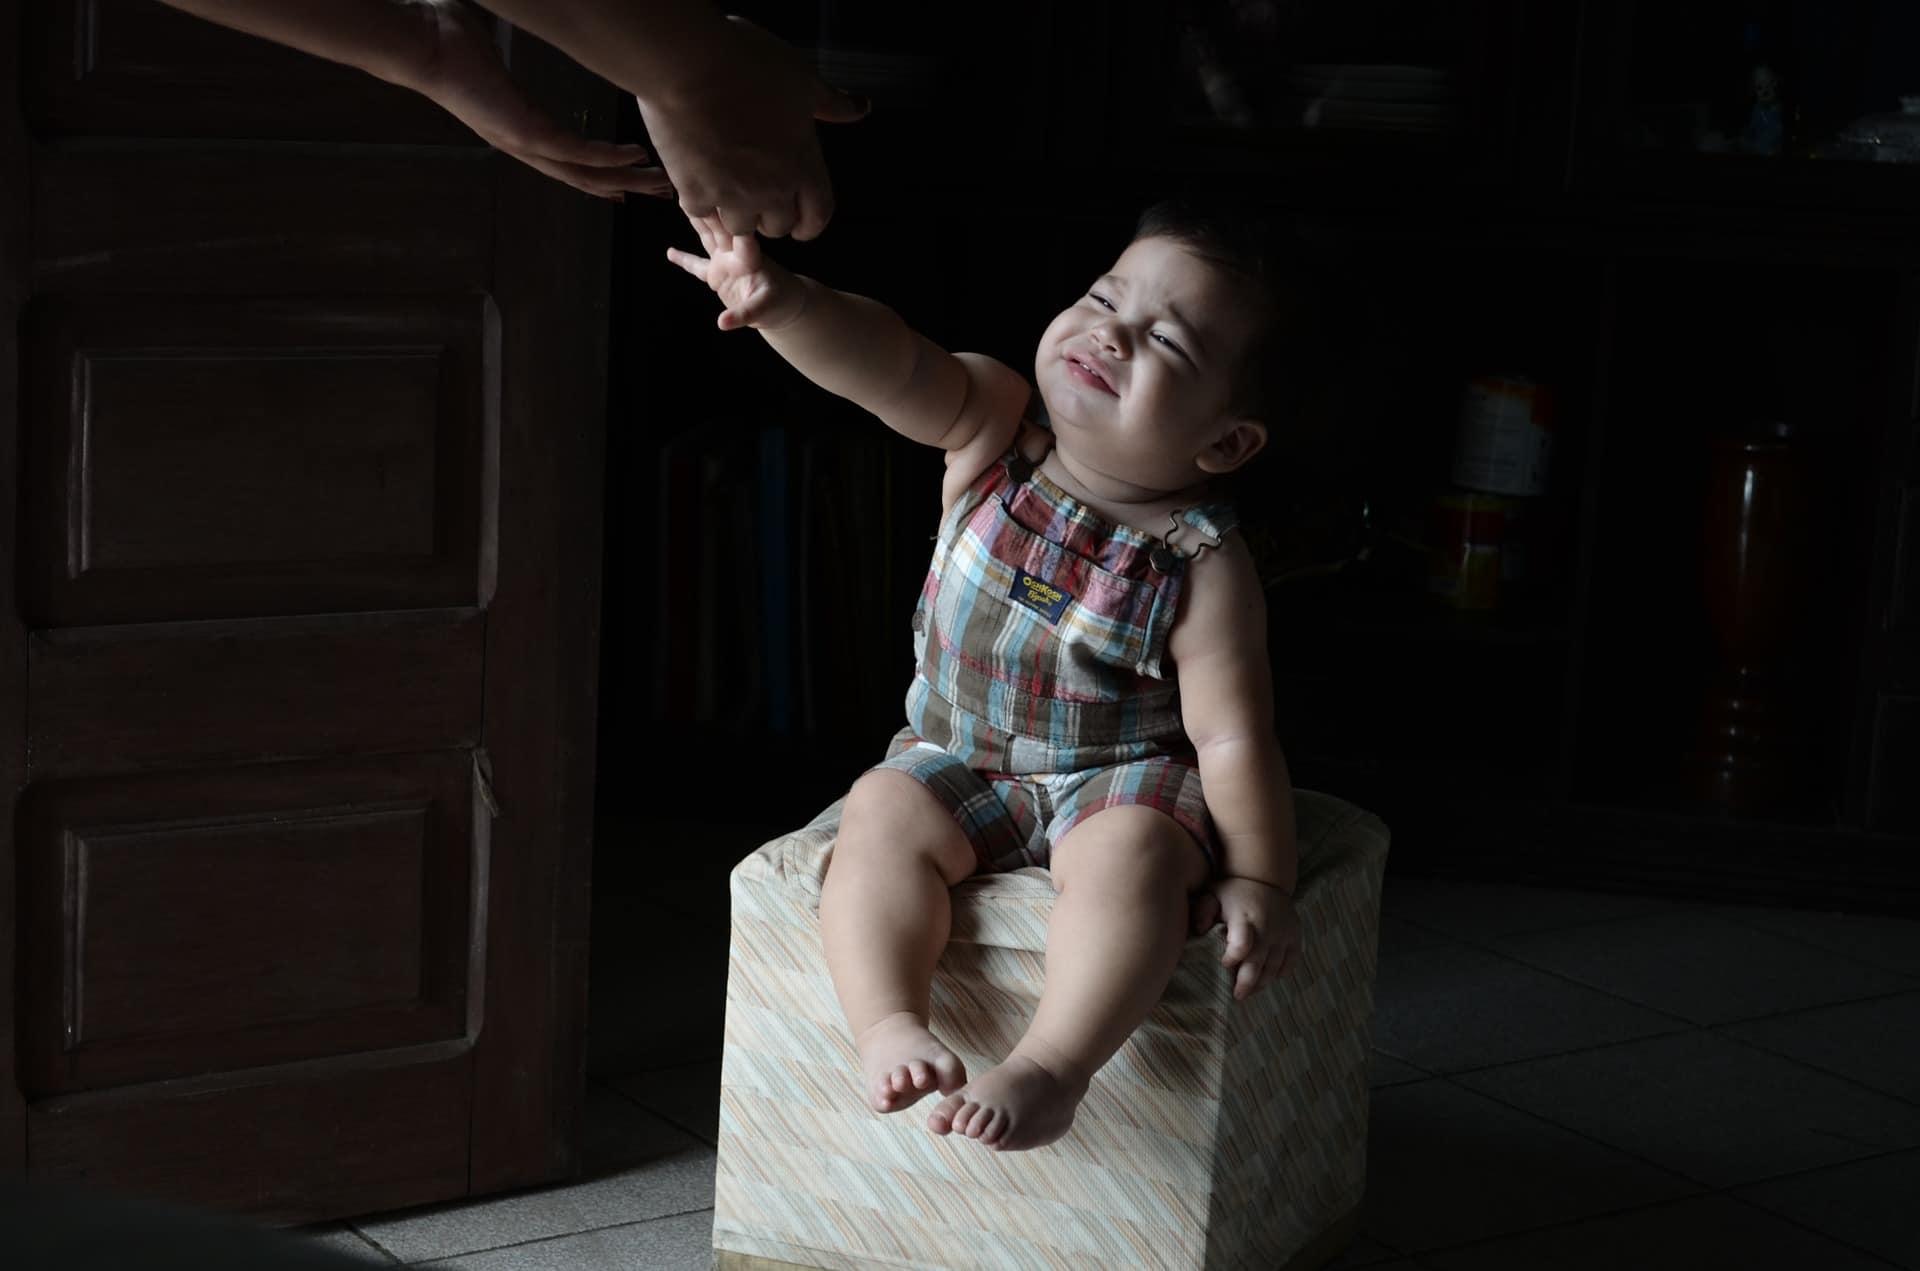 Crianças sentada chorando e esticando os braços para alguém.